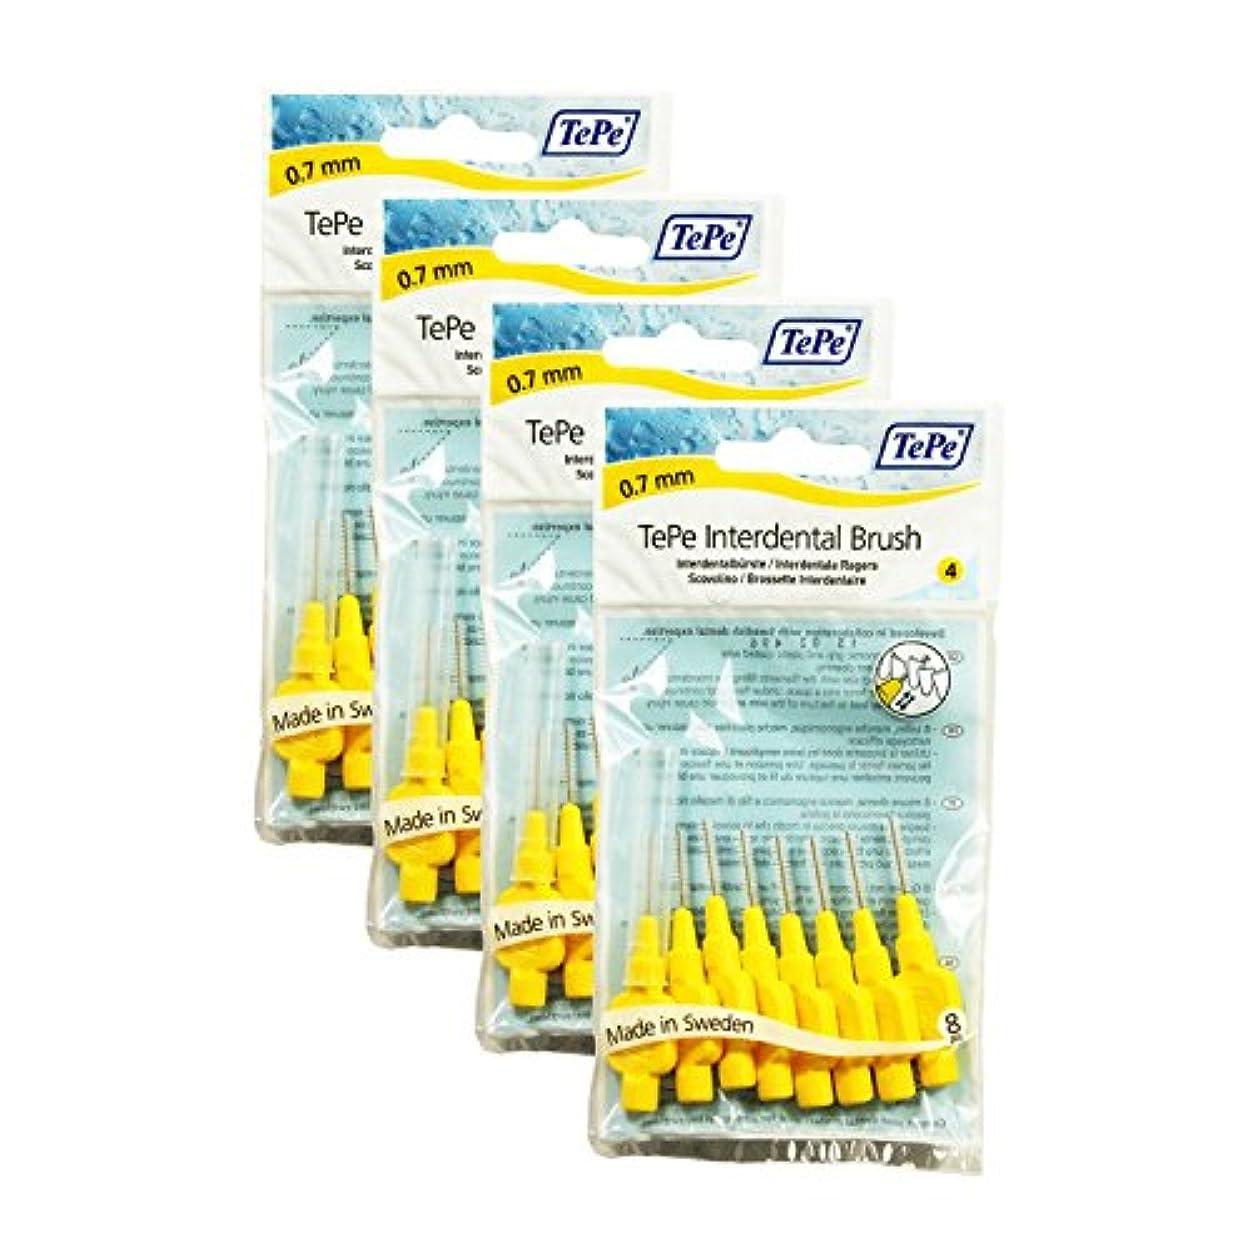 アーネストシャクルトン祈るトリップTePe Interdental Brushes 0.7mm Yellow - 4 Packets of 8 (32 Brushes) by TePe